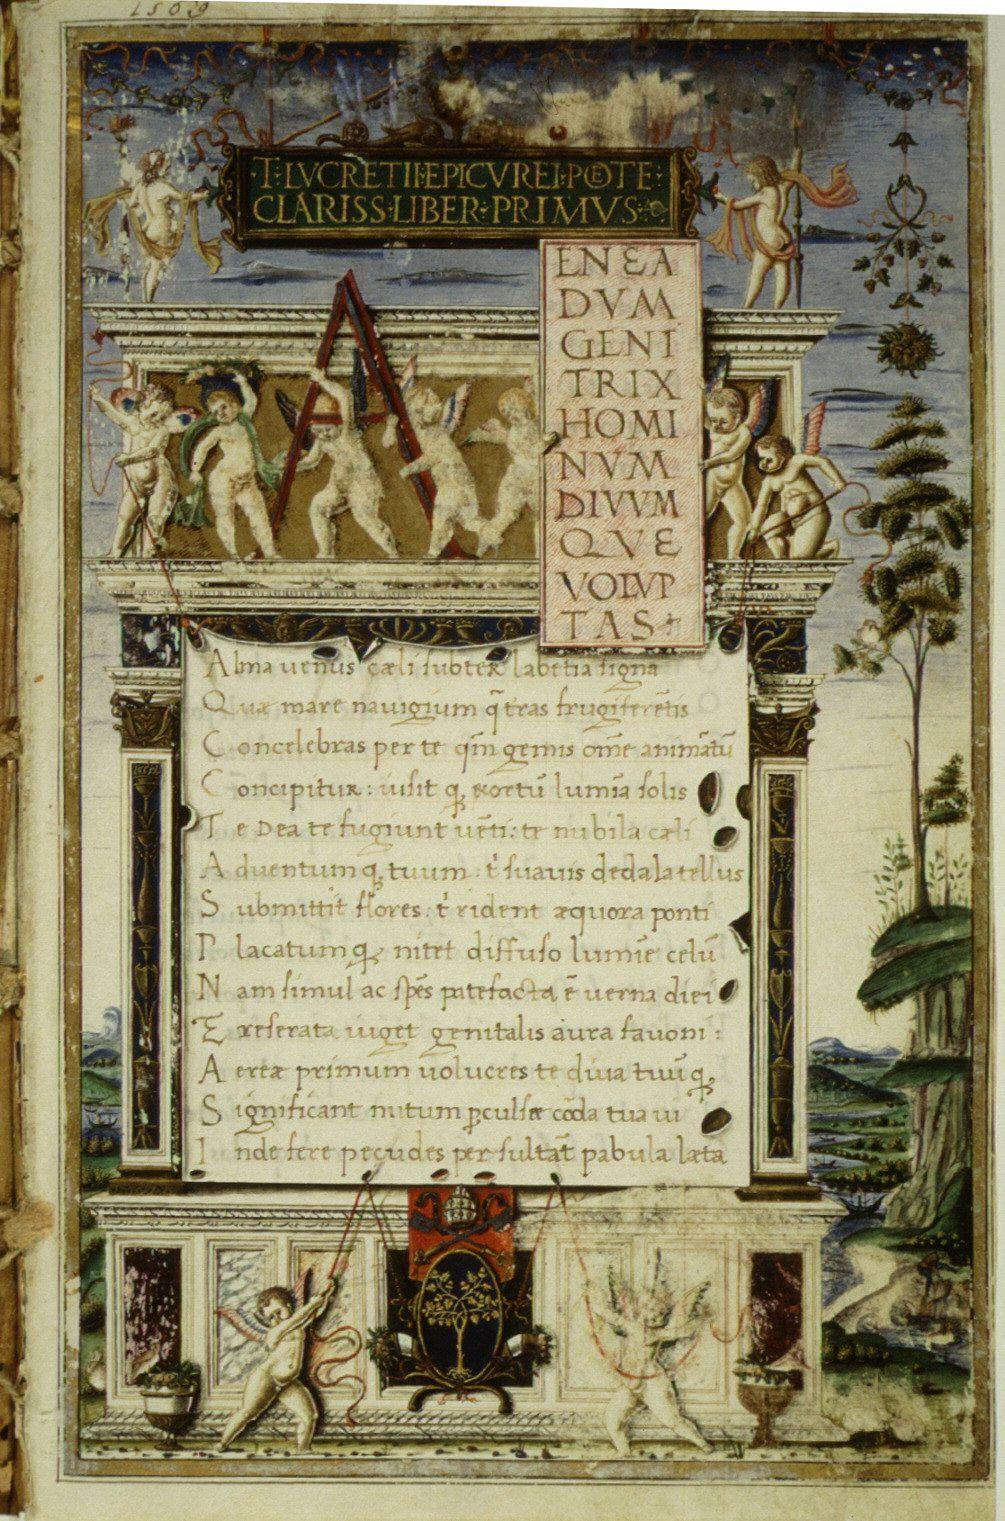 Première page du De rerum natura, copie de 1483 par Girolamo di Matteo de Tauris pour le pape Sixte IV